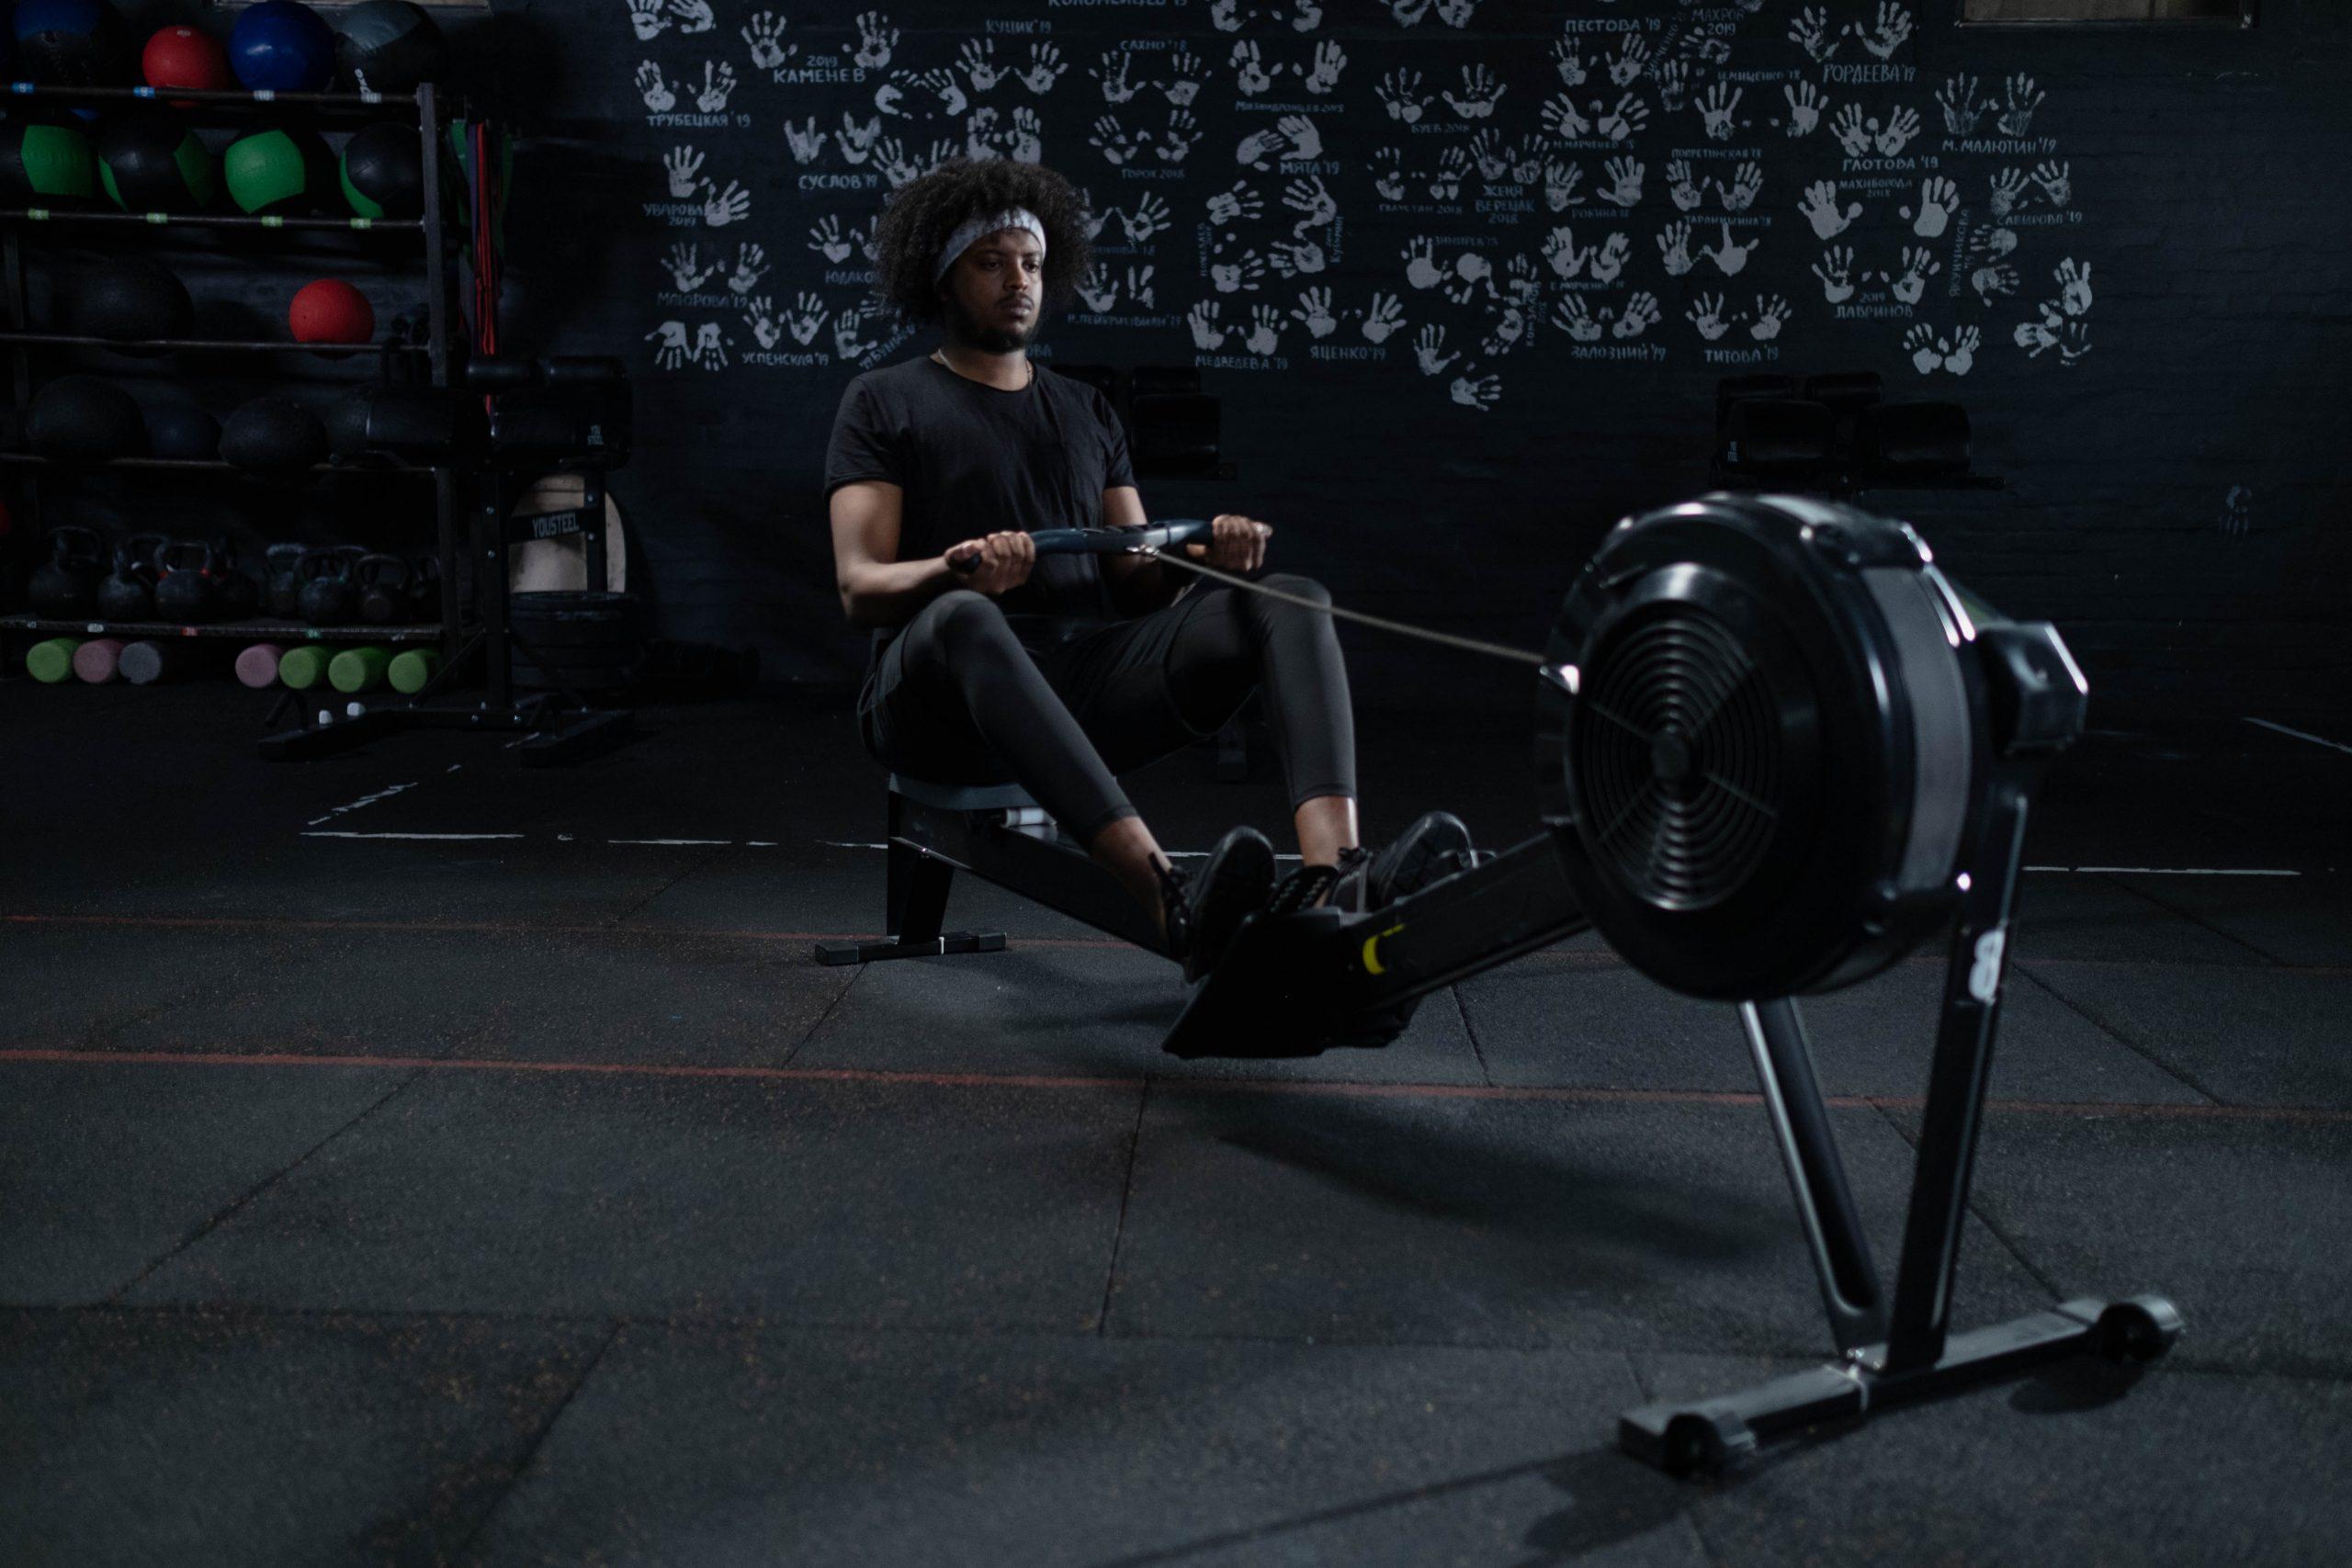 Homem em uma academia sentado no simulador de remo, usando o aparelho para praticar atividades físicas